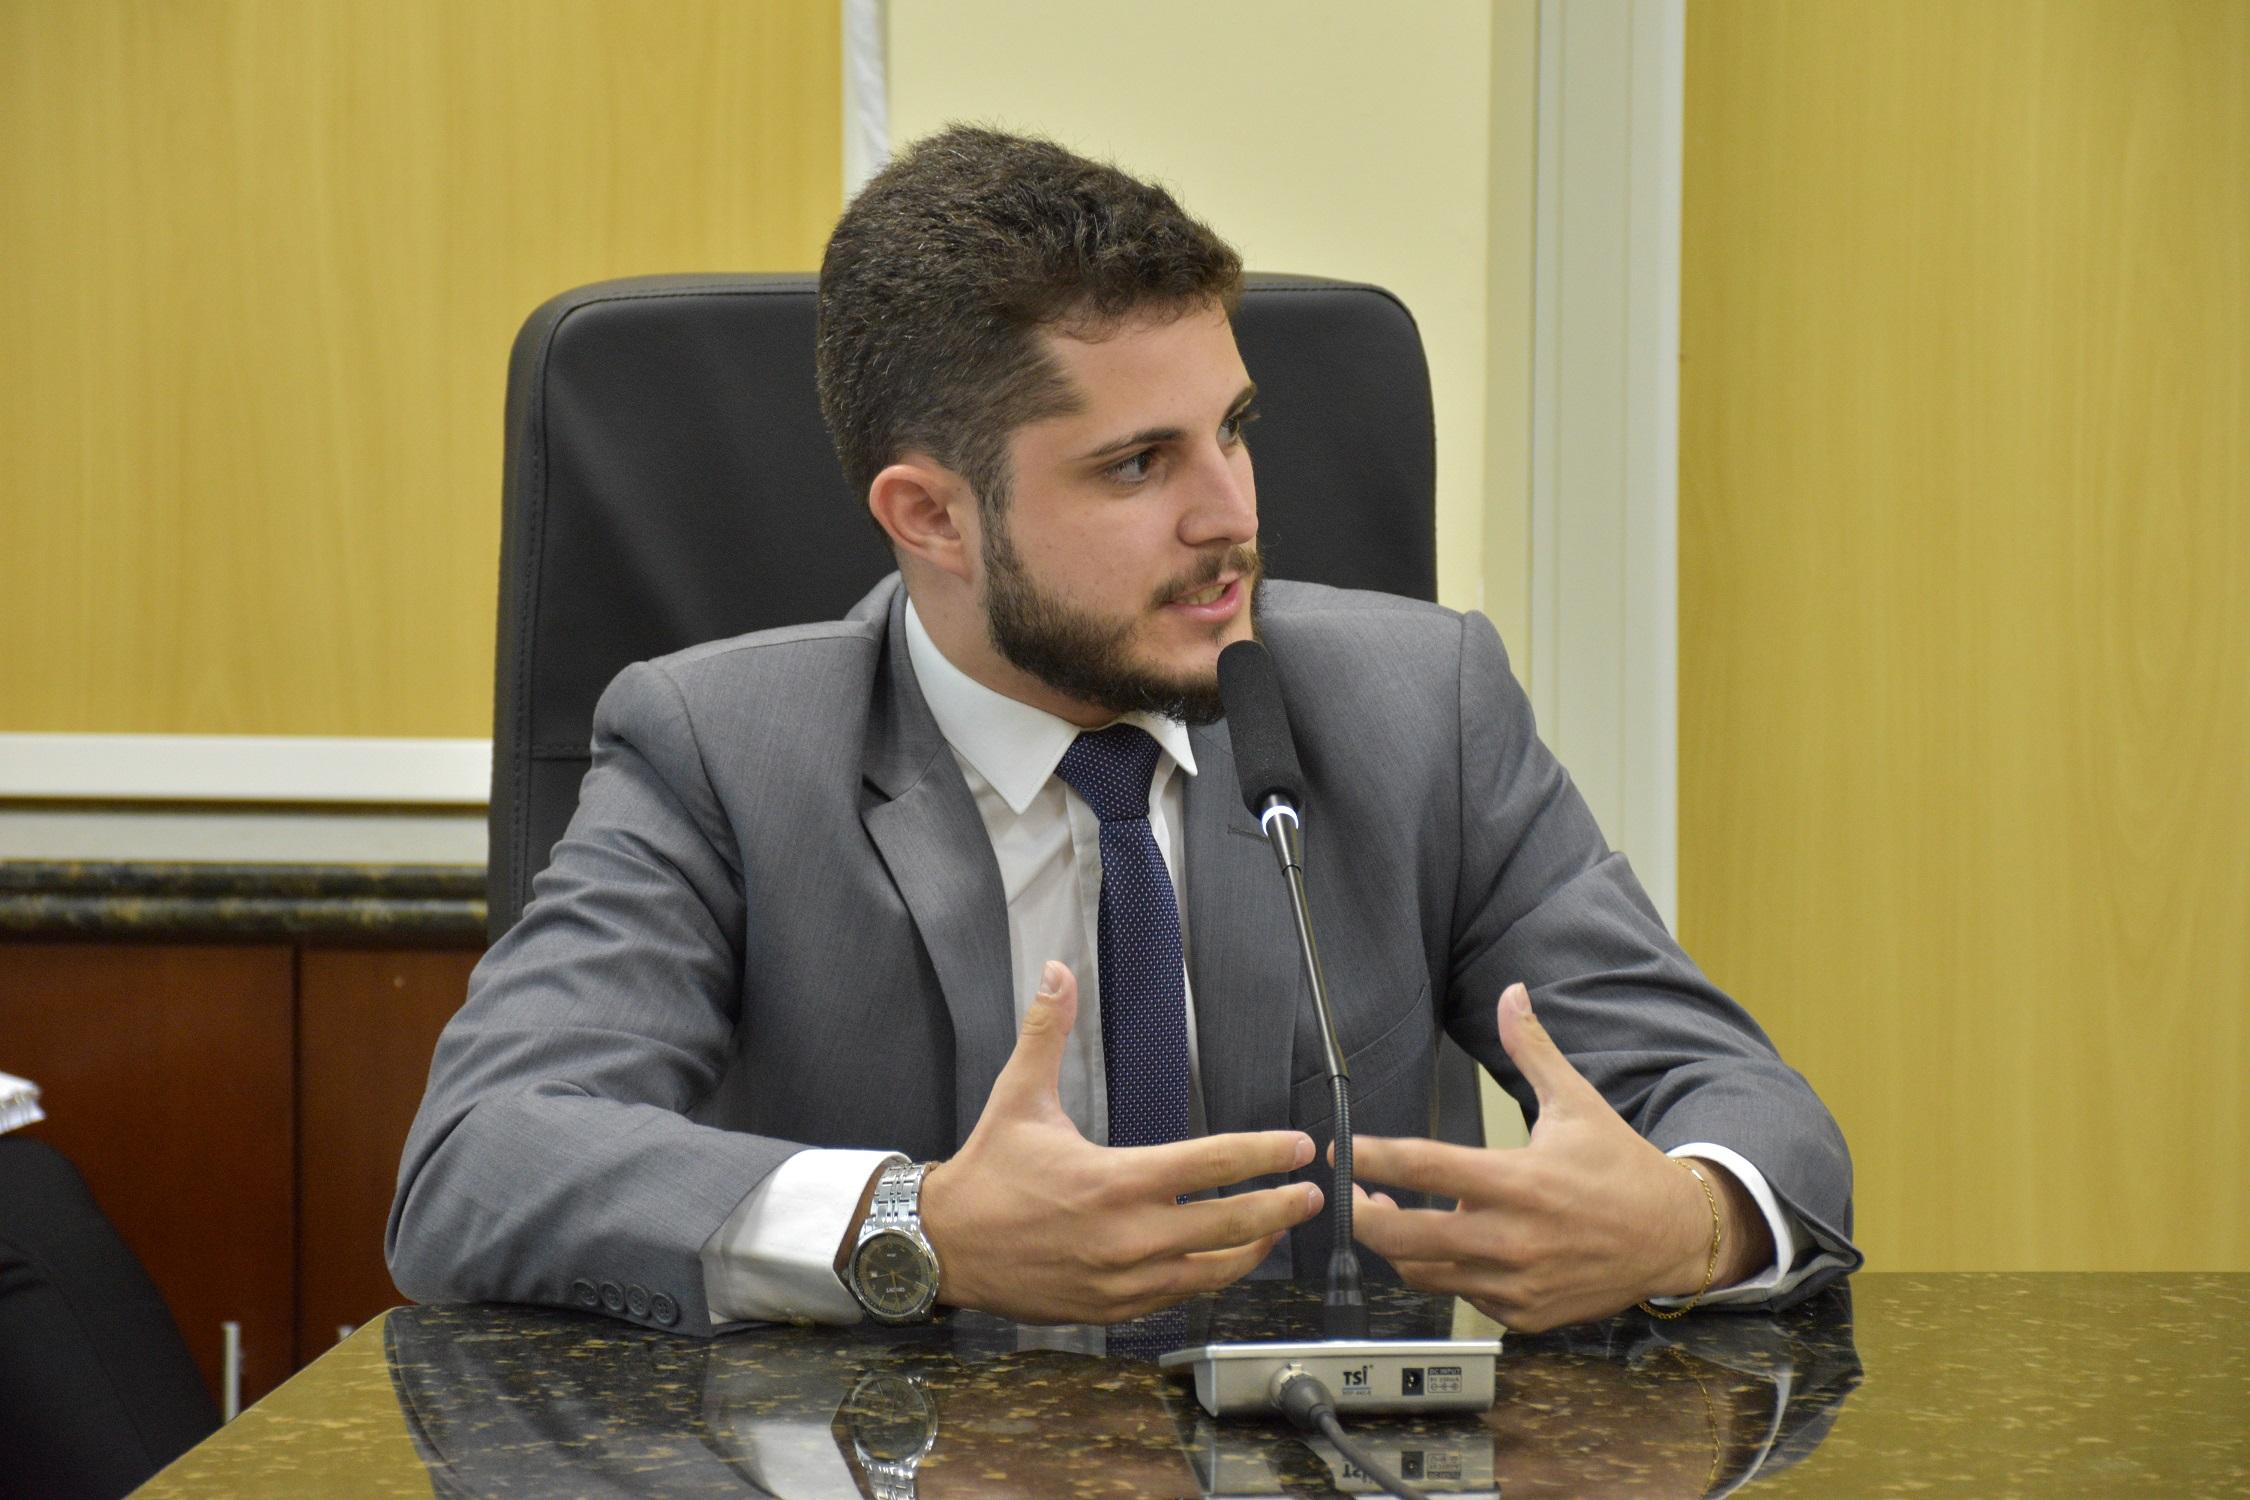 Ícaro reforça pedido de investigação do processo de concessão à Águas de Sinop